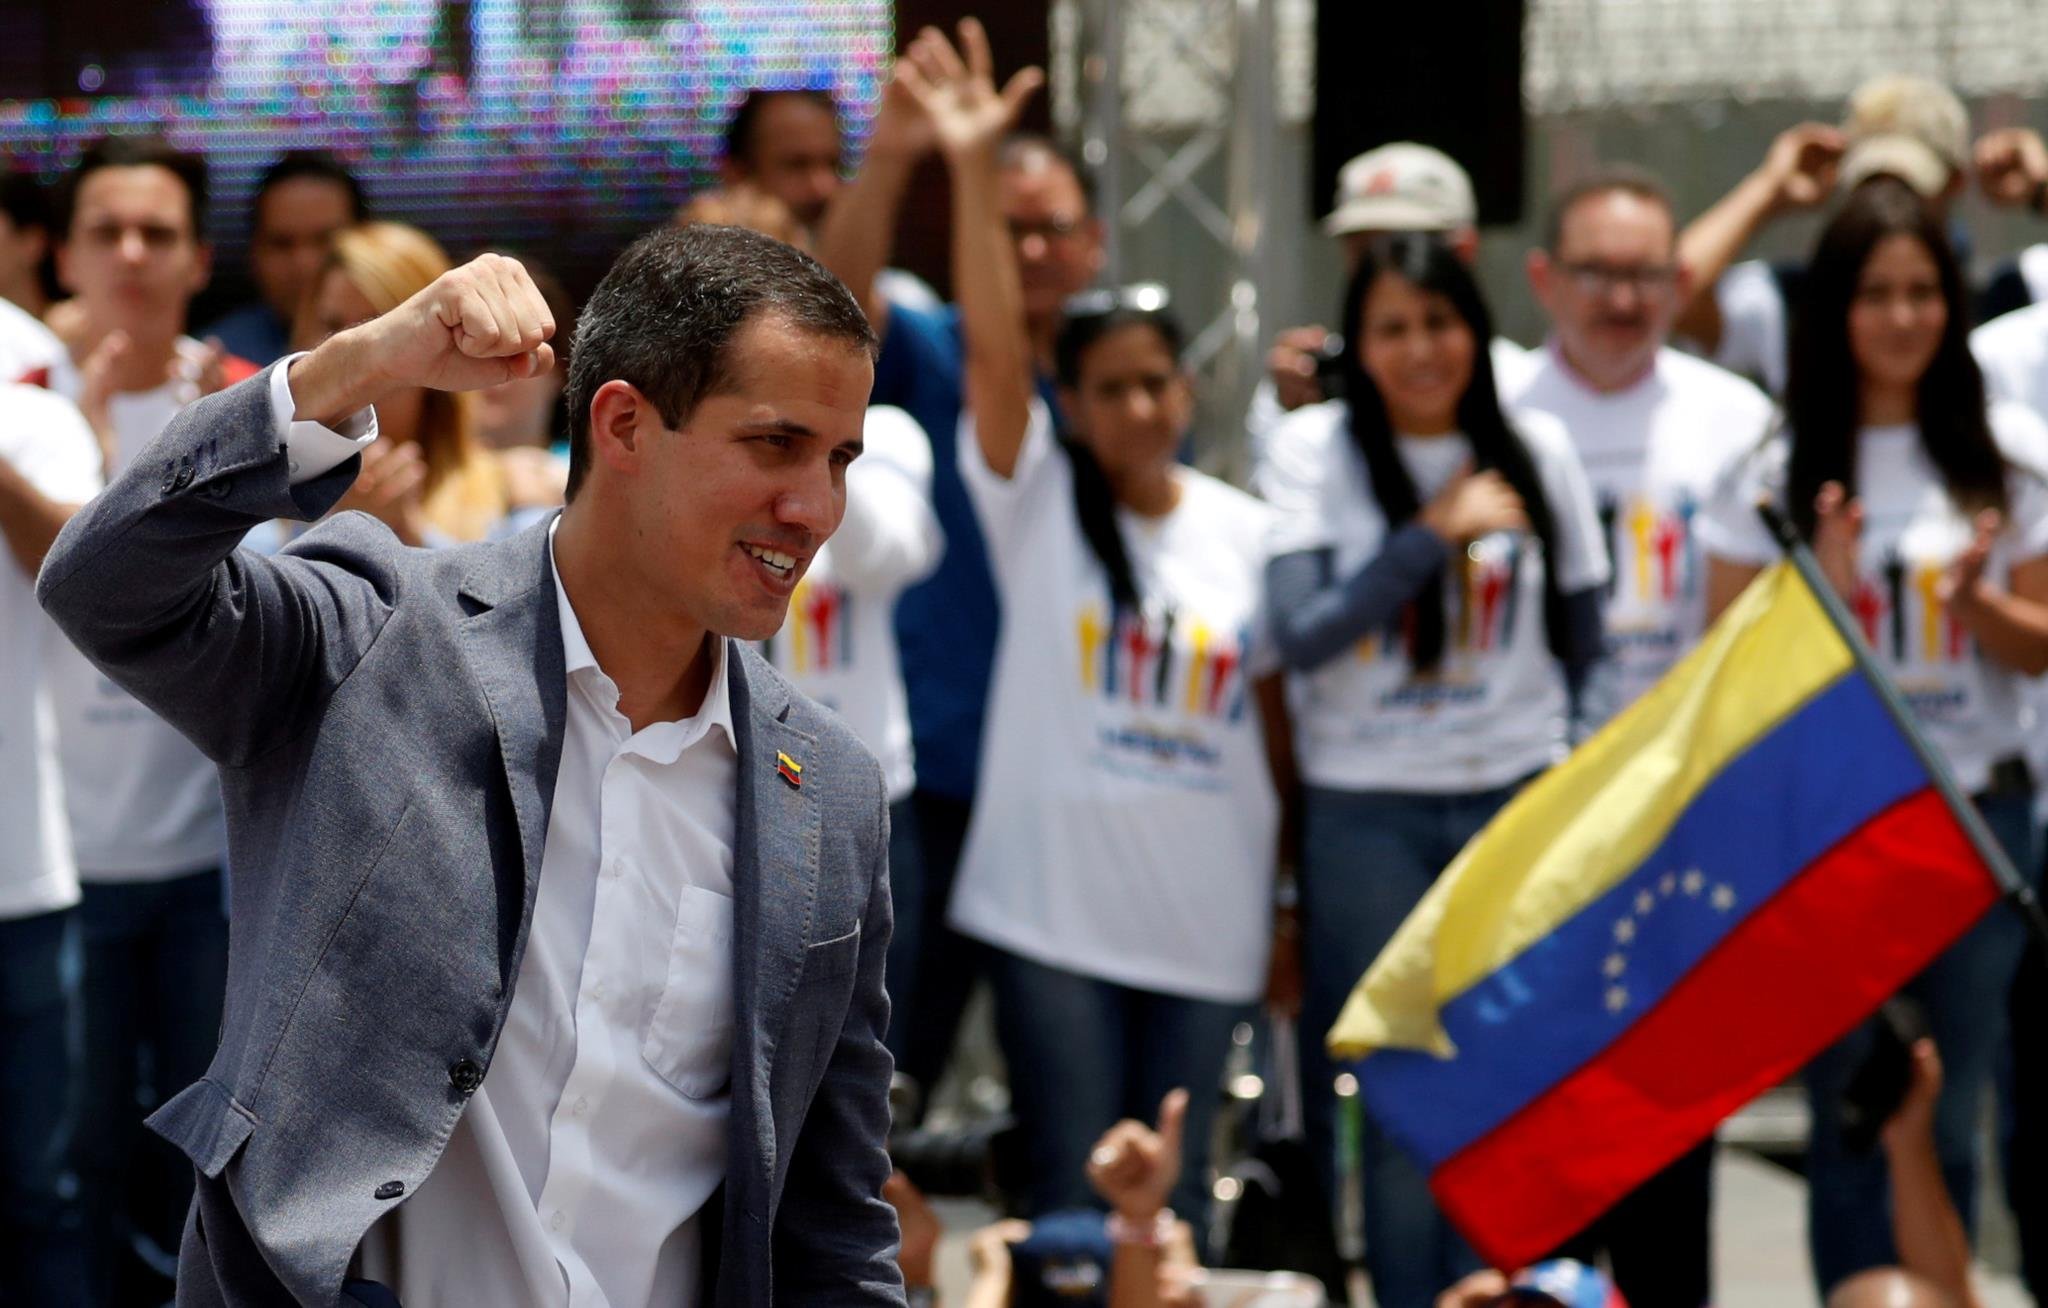 PÚBLICO - Juan Guaidó durante uma cerimónia de juramento, em Caracas, a 27 de Abril